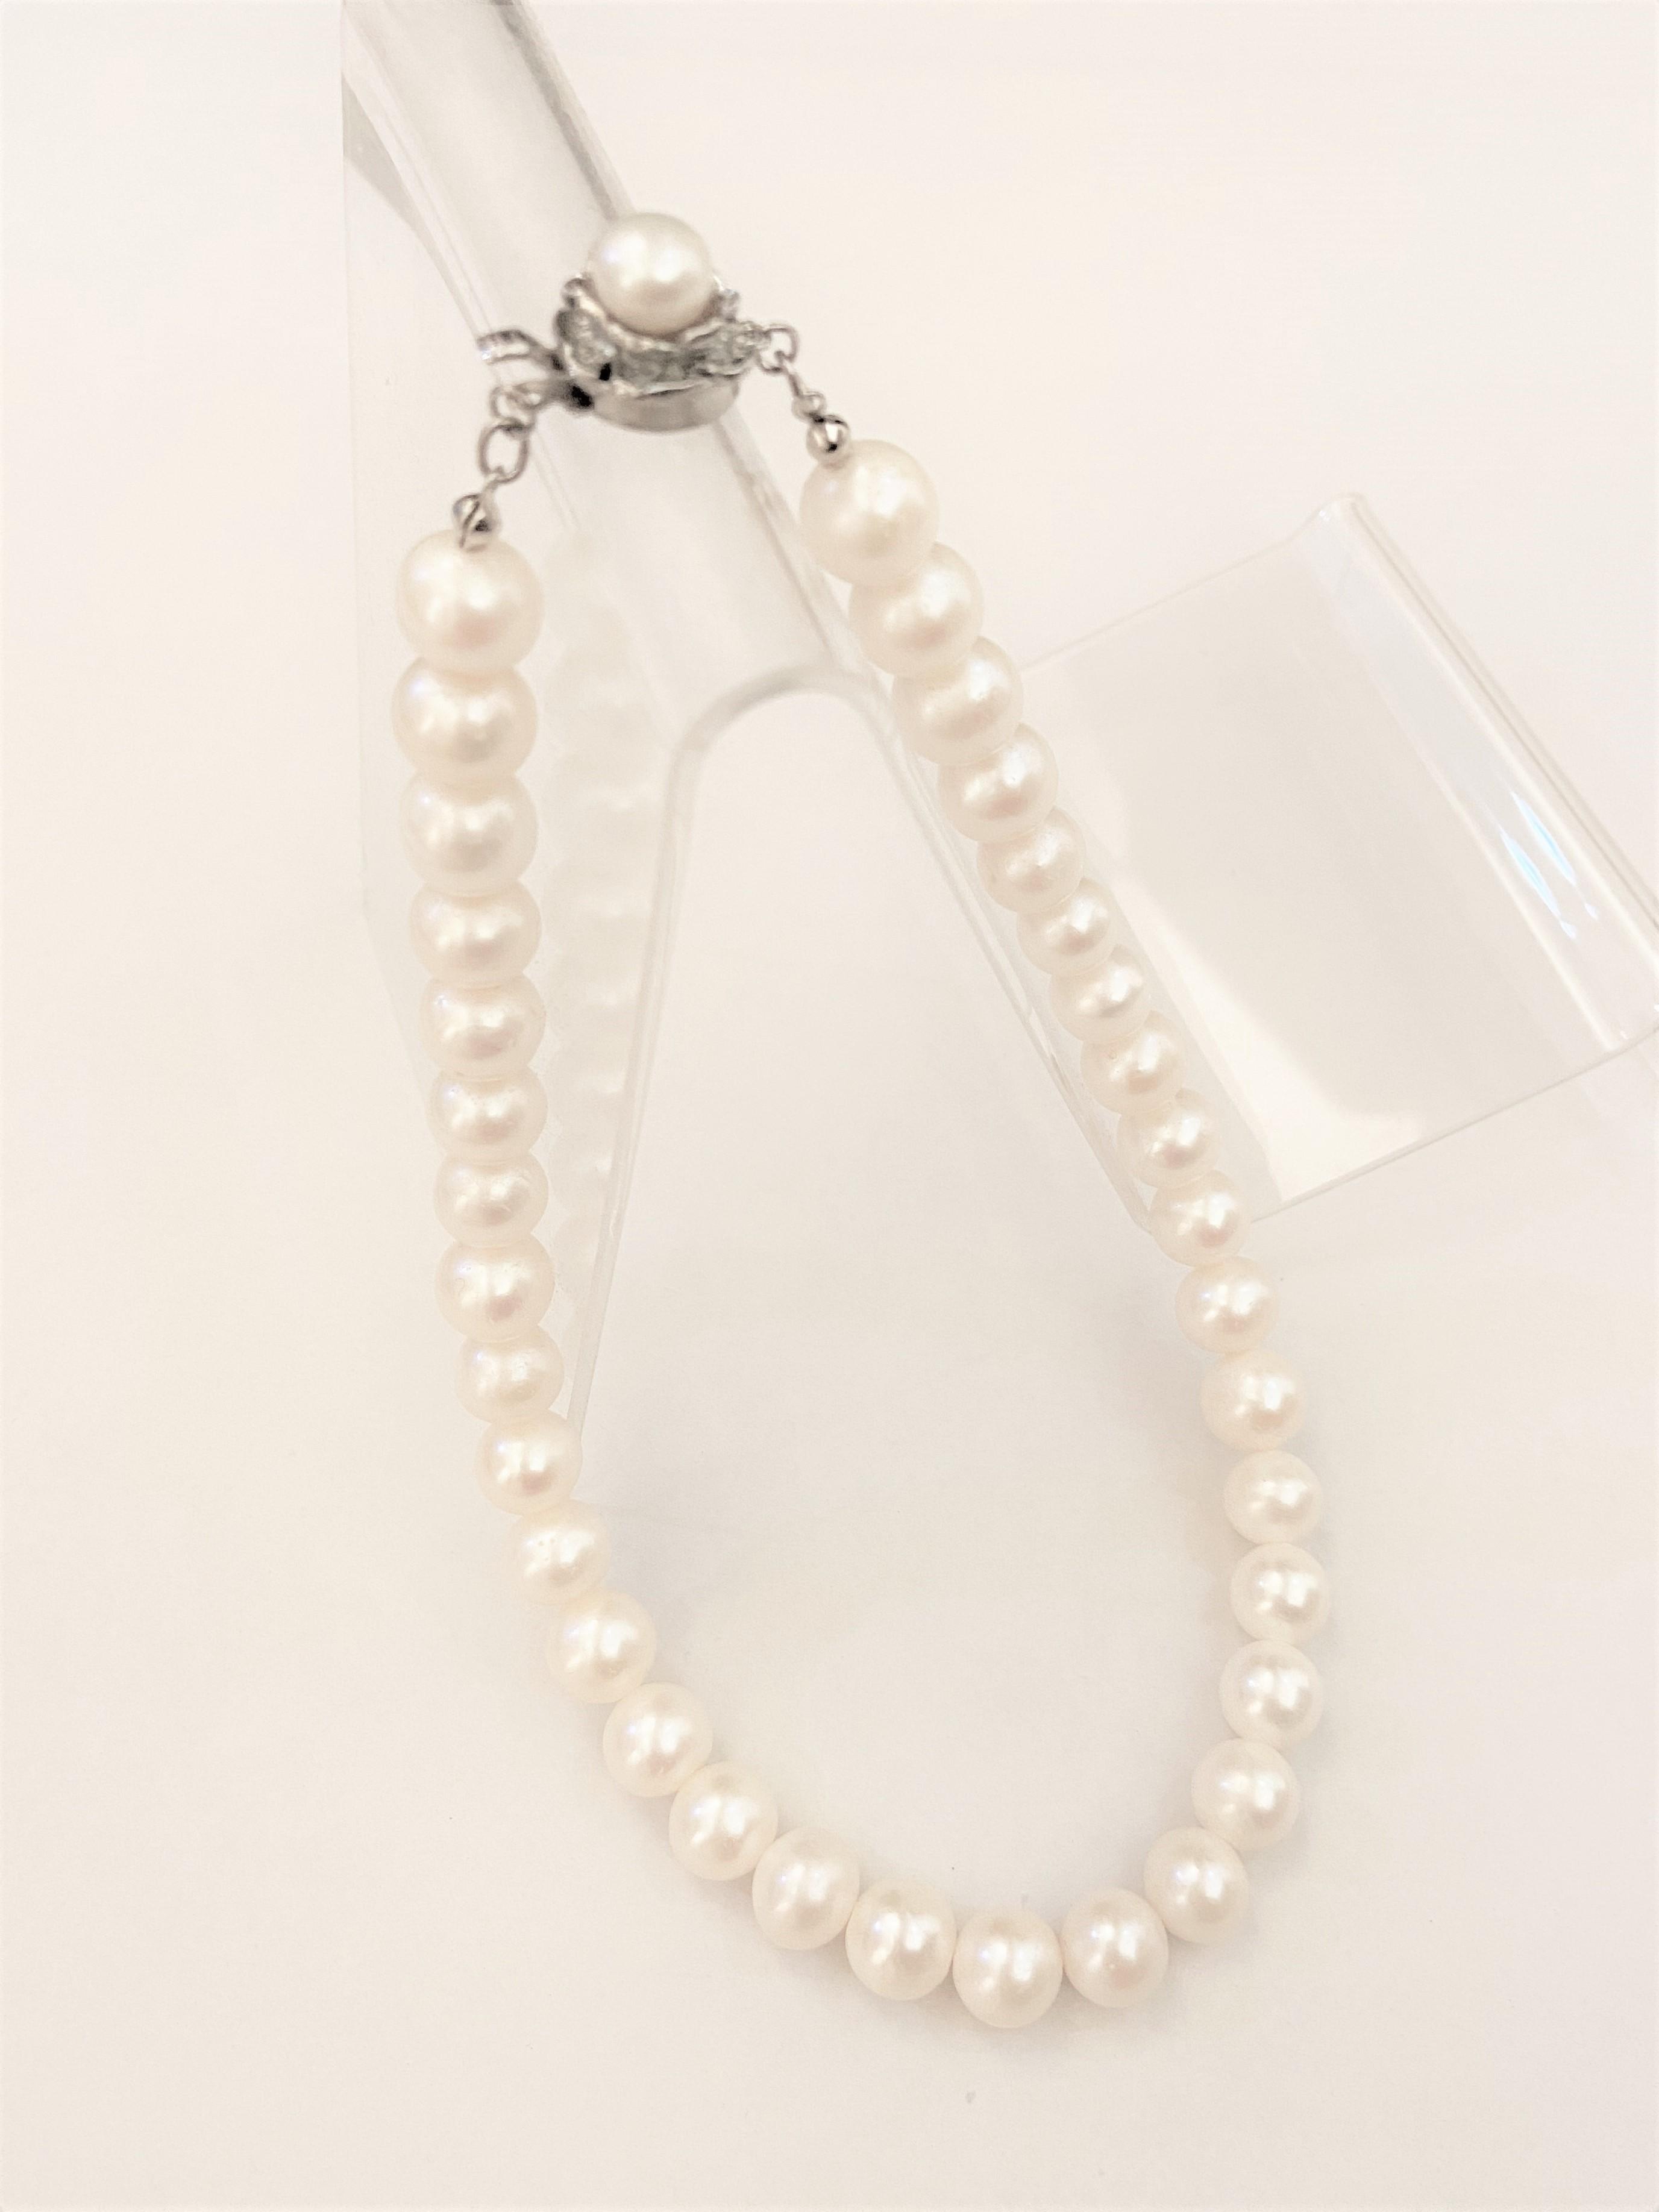 ホワイトパールのシンプルネックレス(蓮モチーフ型留具)